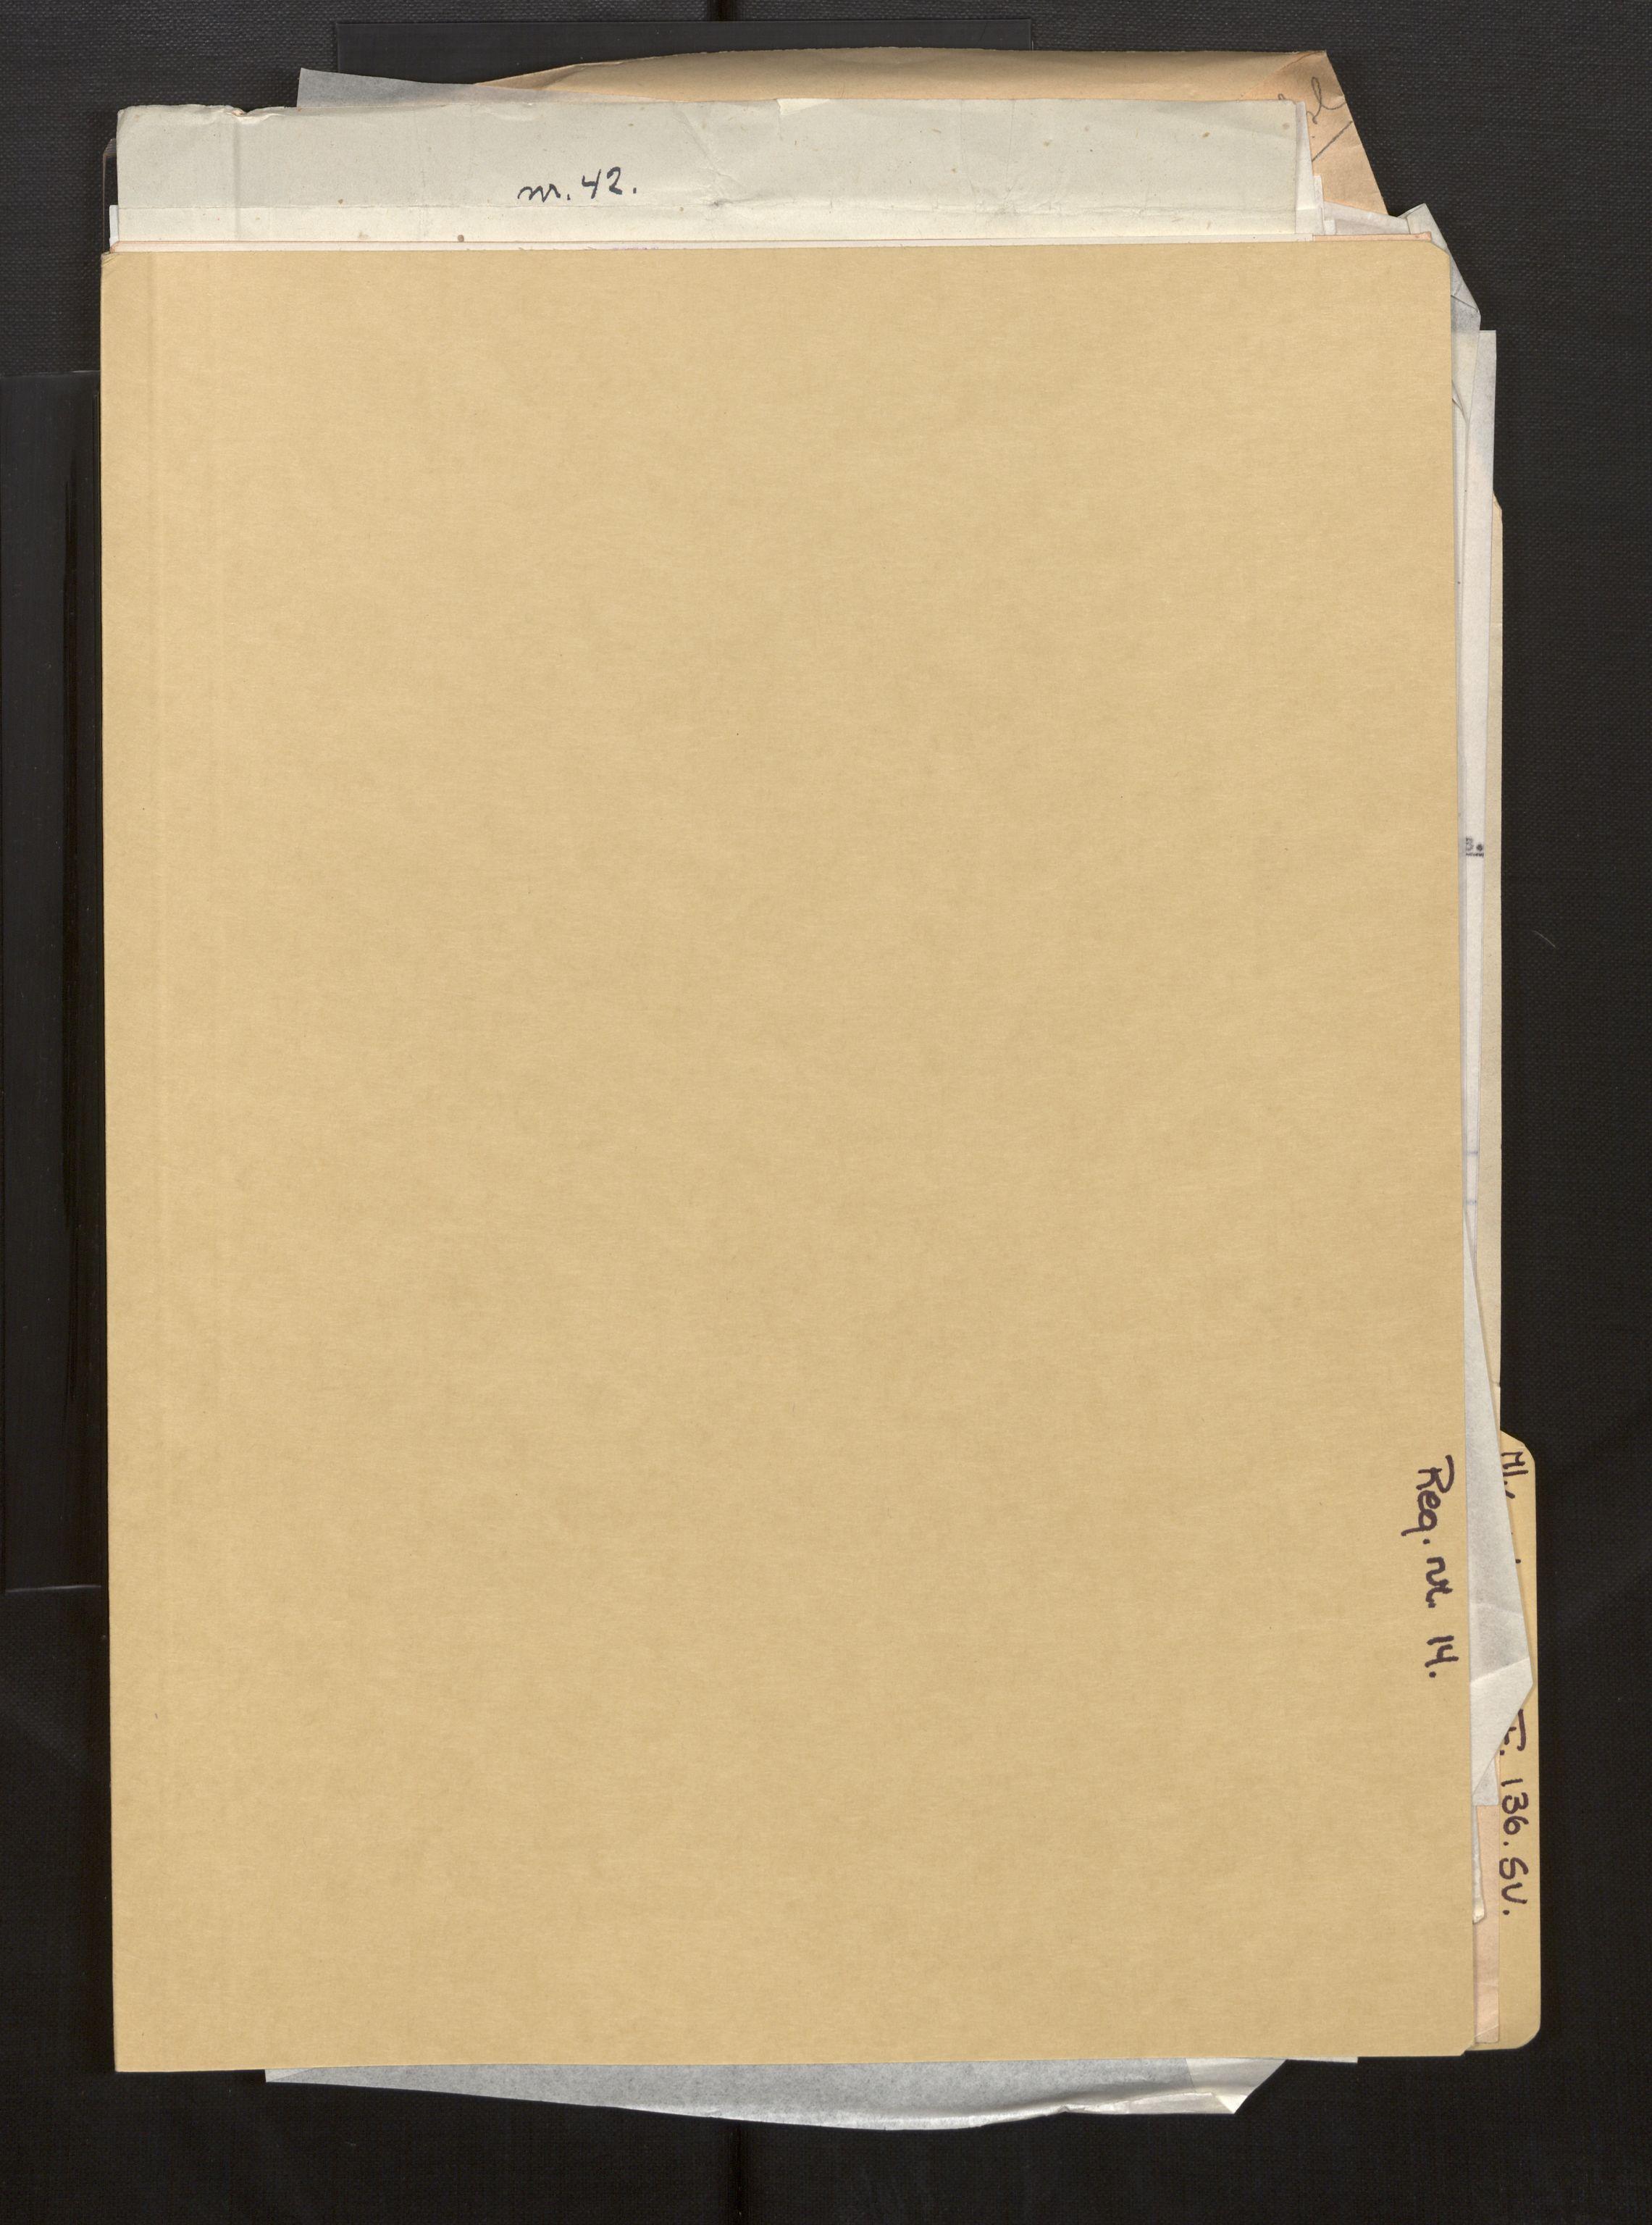 SAB, Fiskeridirektoratet - 1 Adm. ledelse - 13 Båtkontoret, La/L0042: Statens krigsforsikring for fiskeflåten, 1936-1971, p. 599